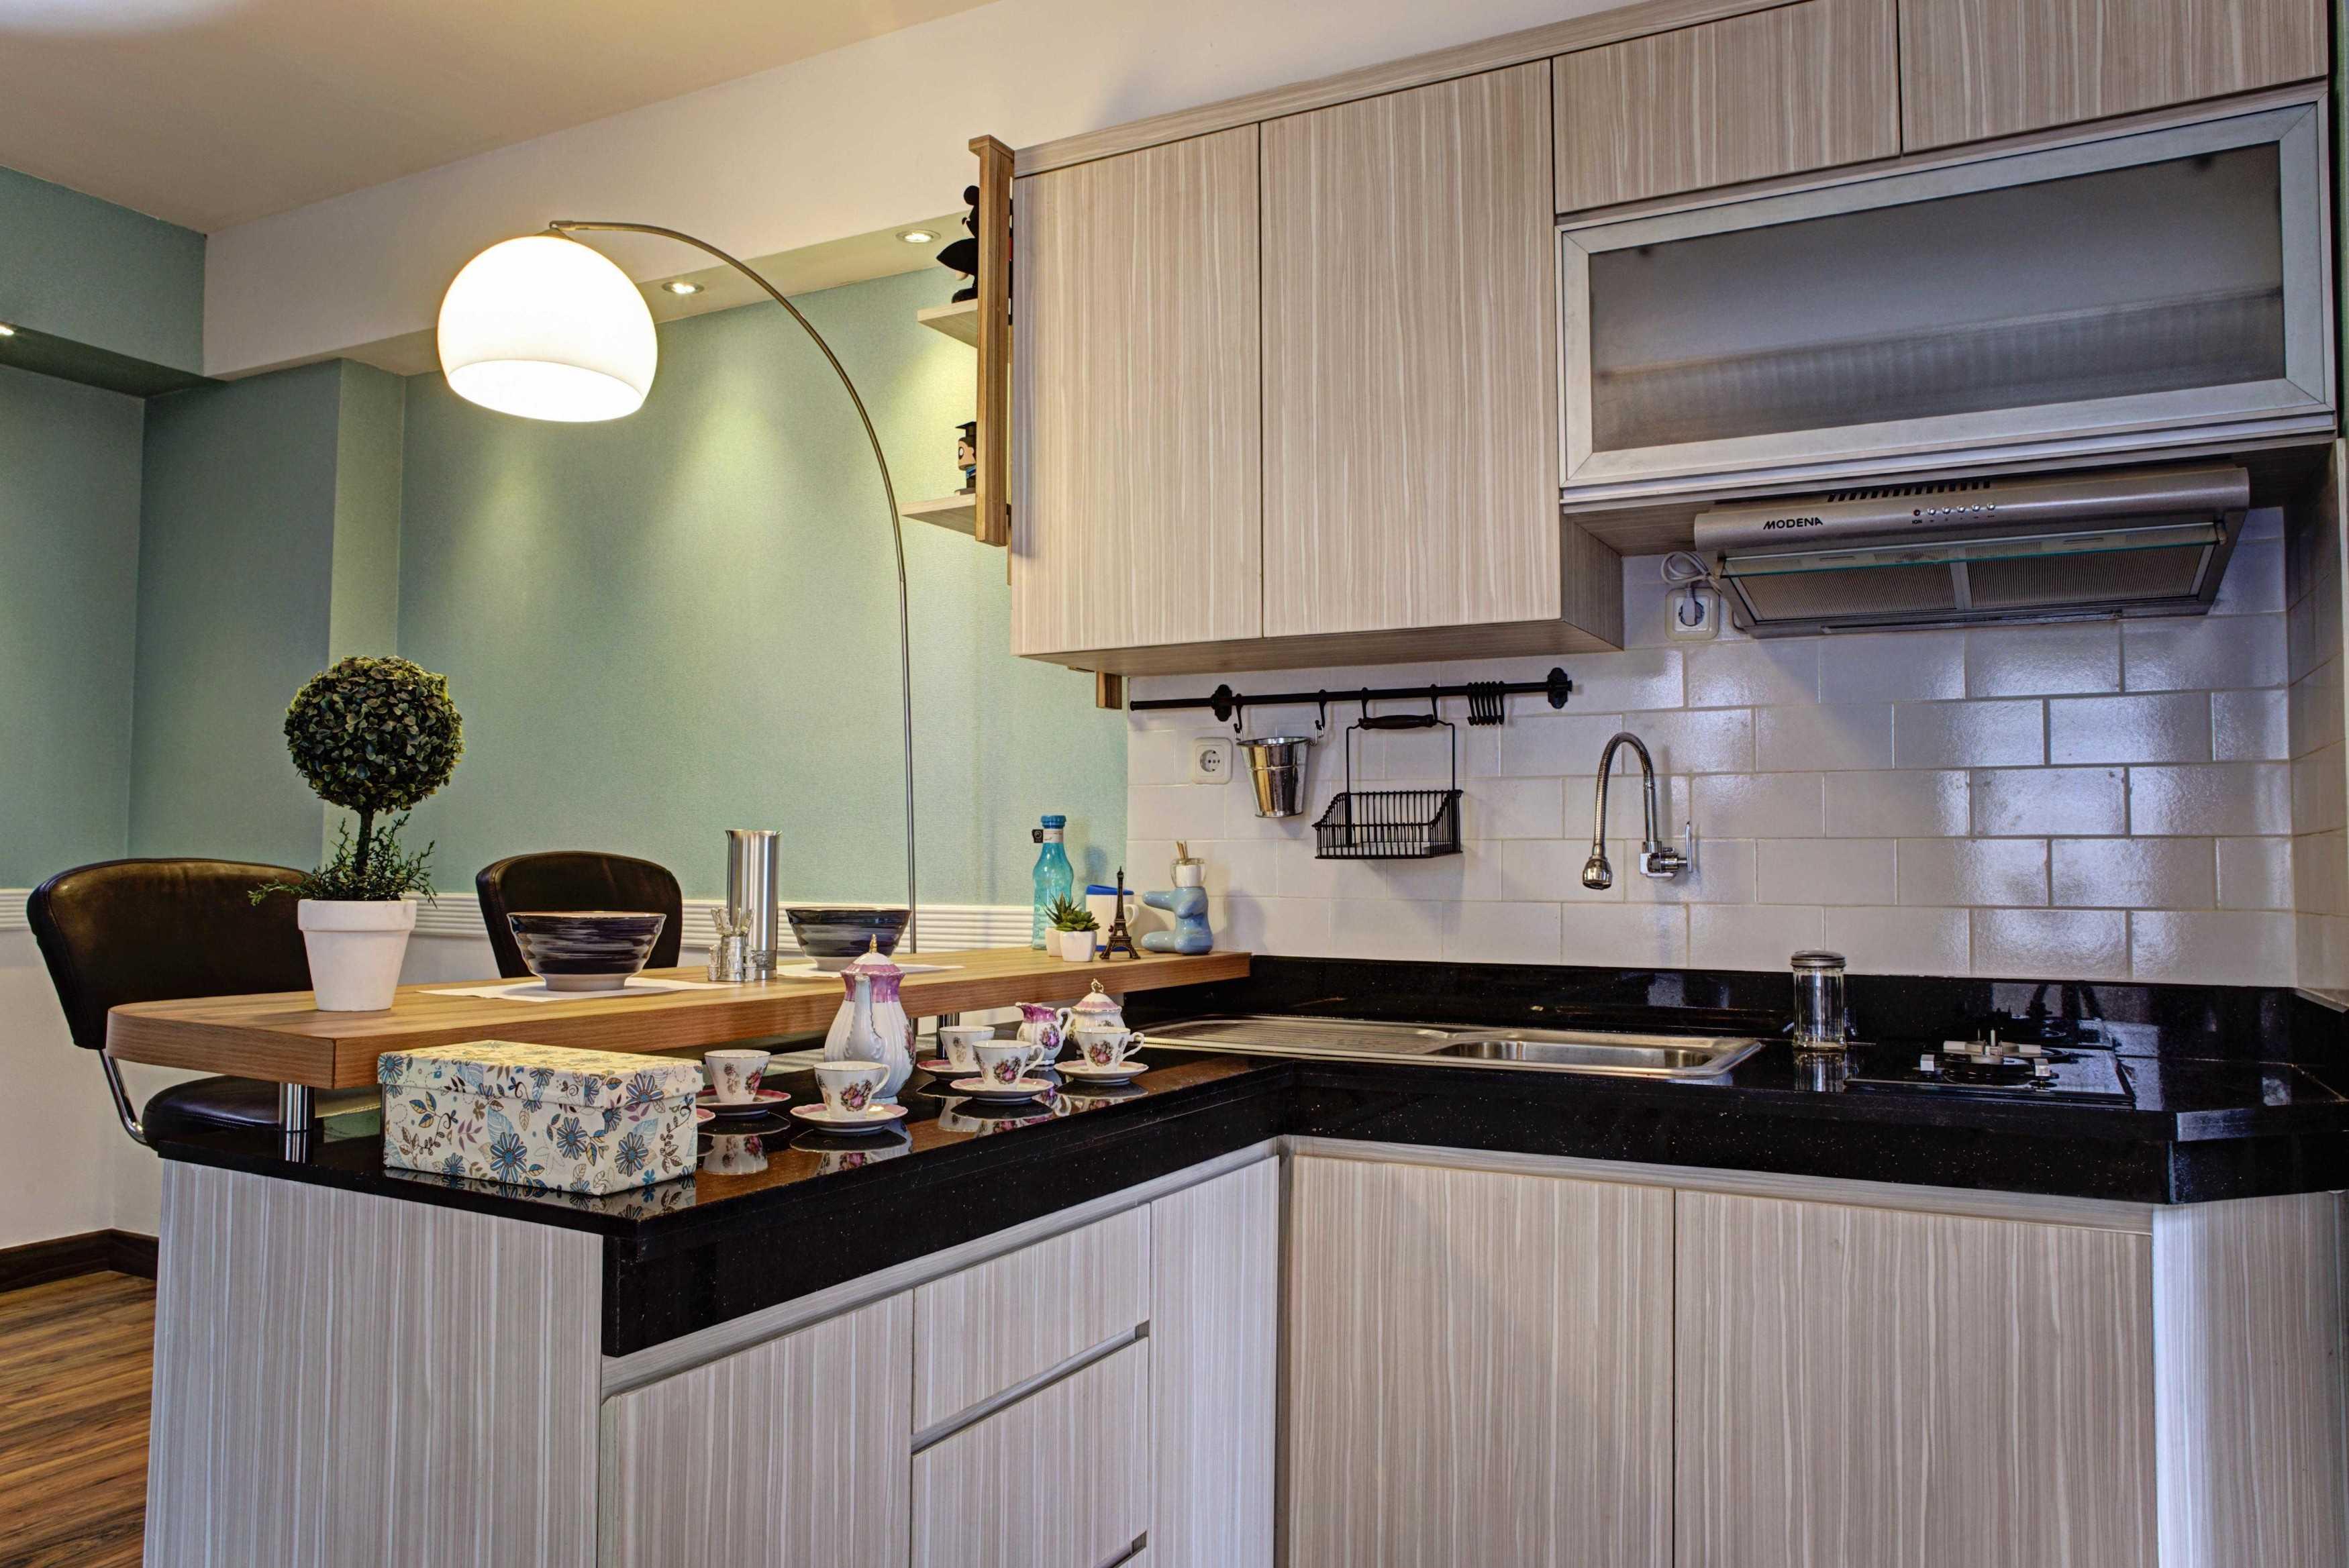 Total Renov Green Bay 3 Bed Room Interior Jl. Pluit Karang Ayu Barat No.b1, Rt.20/rw.2, Pluit, Penjaringan, Kota Jkt Utara, Daerah Khusus Ibukota Jakarta 14450, Indonesia Jl. Pluit Karang Ayu Barat No.b1, Rt.20/rw.2, Pluit, Penjaringan, Kota Jkt Utara, Daerah Khusus Ibukota Jakarta 14450, Indonesia Total-Renov-Green-Bay-3-Bed-Room-Interior Minimalist <P>Kitchen Set Area</p> 61156